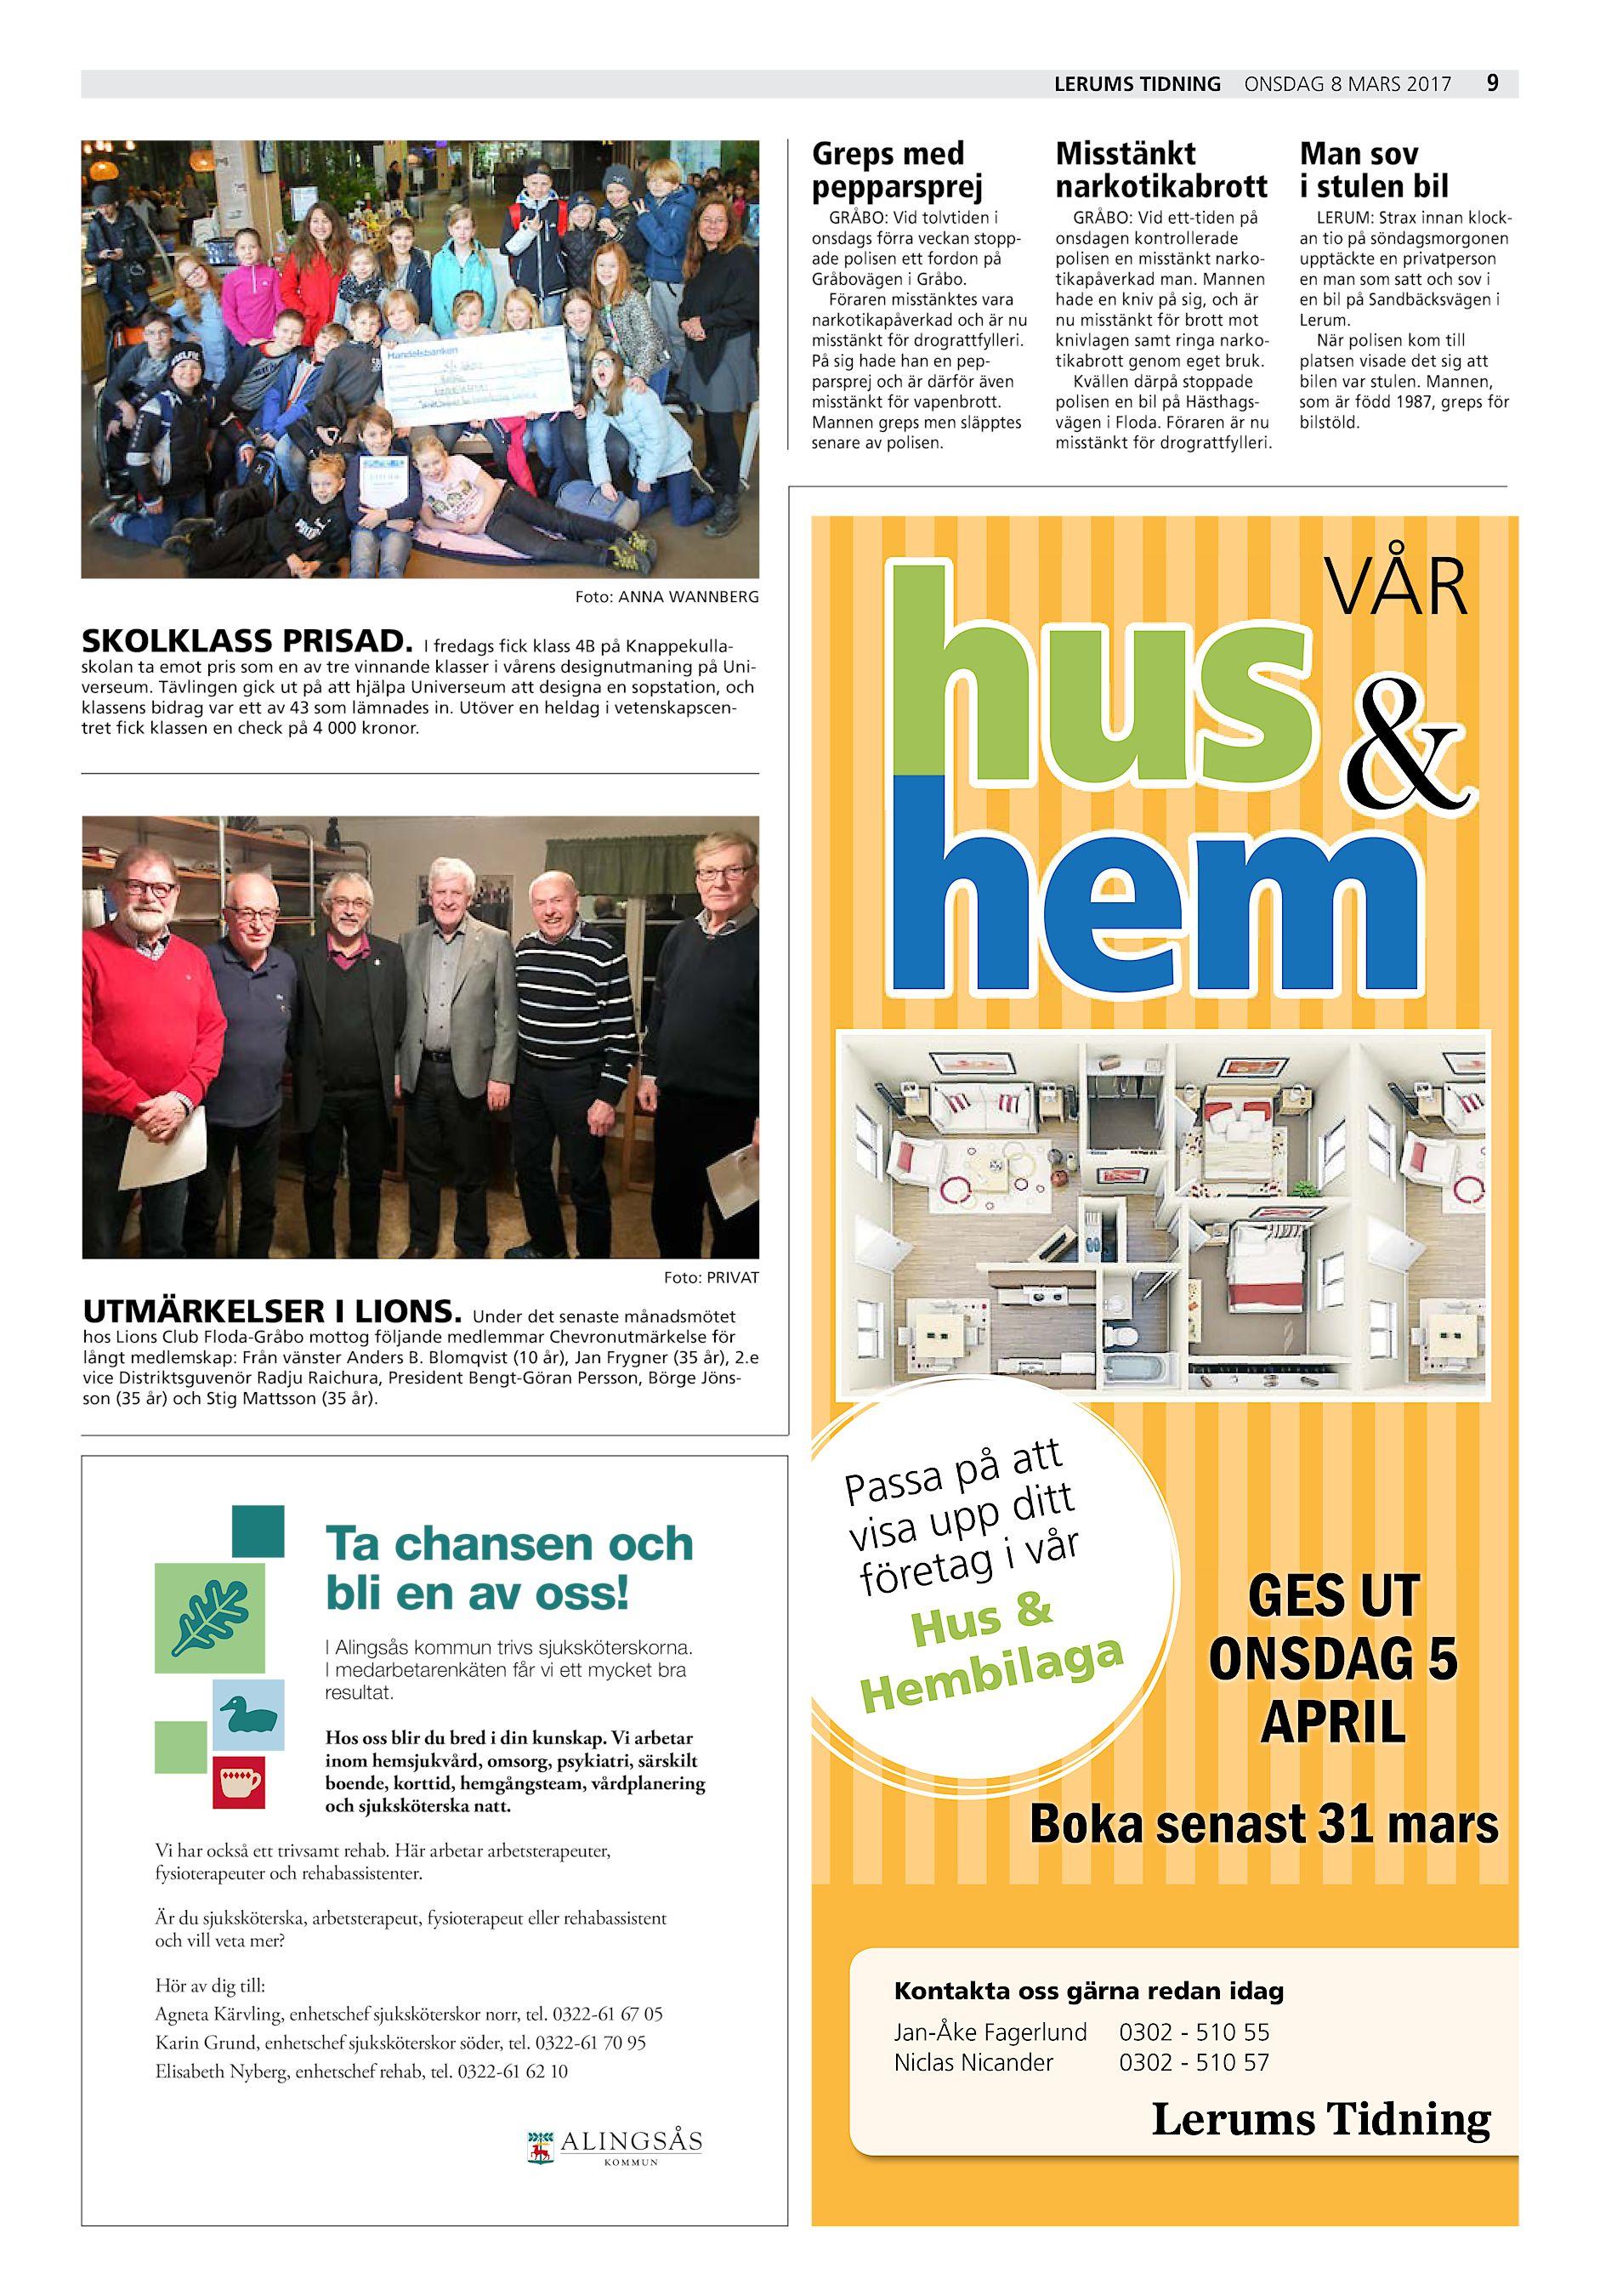 Dansk pepparsprej mot 70 aring